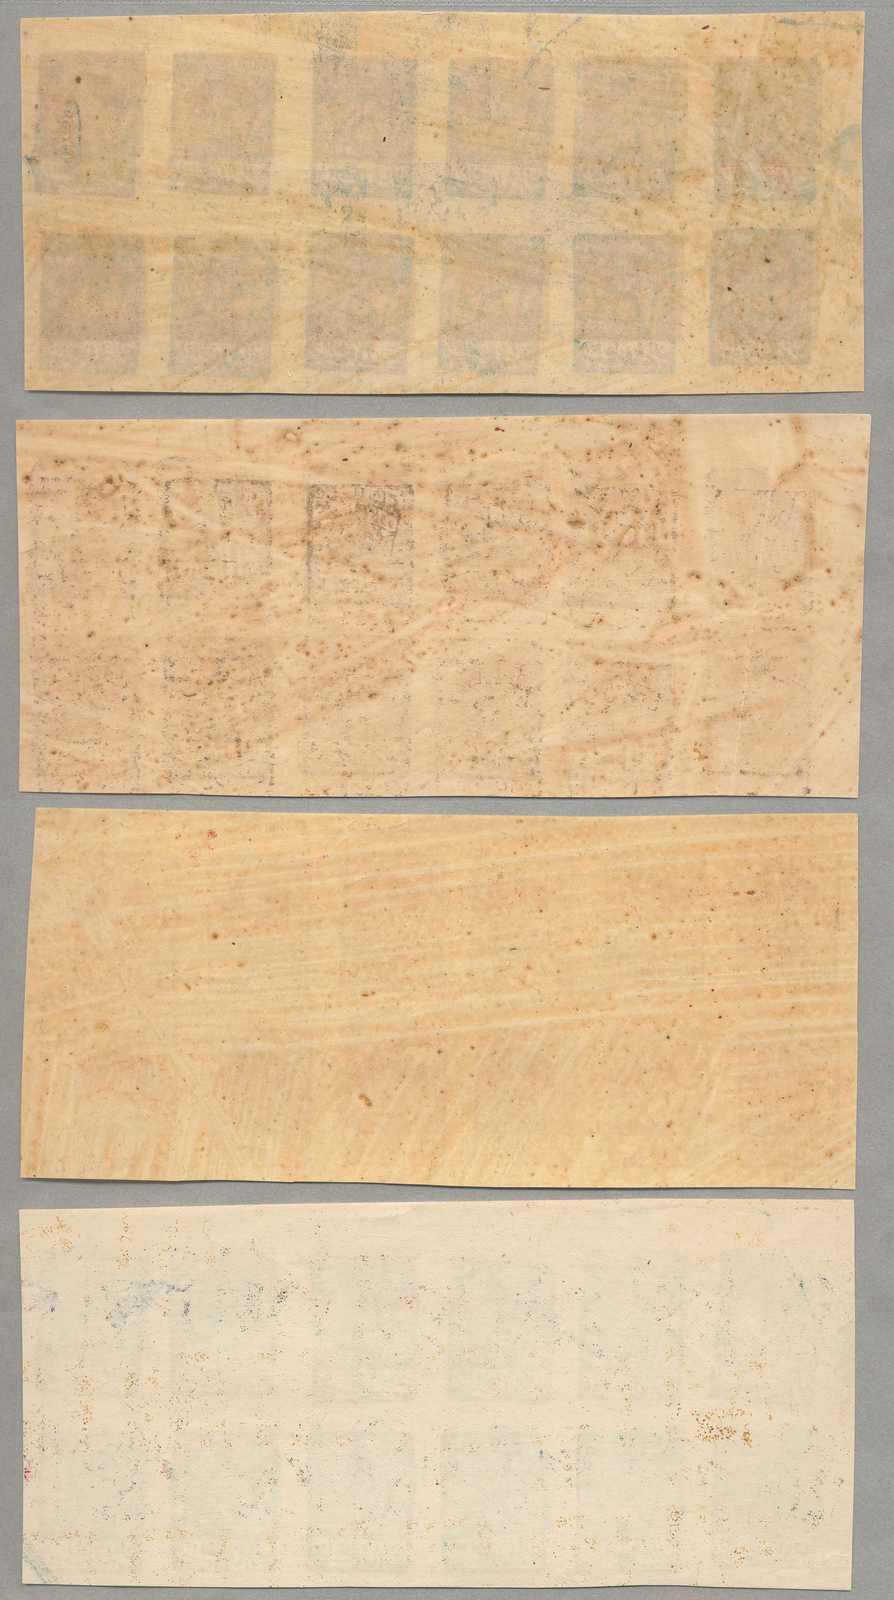 Lot 30638 - andere gebiete persien - iran -  classicphil GmbH 6'th classicphil Auction - Day 3